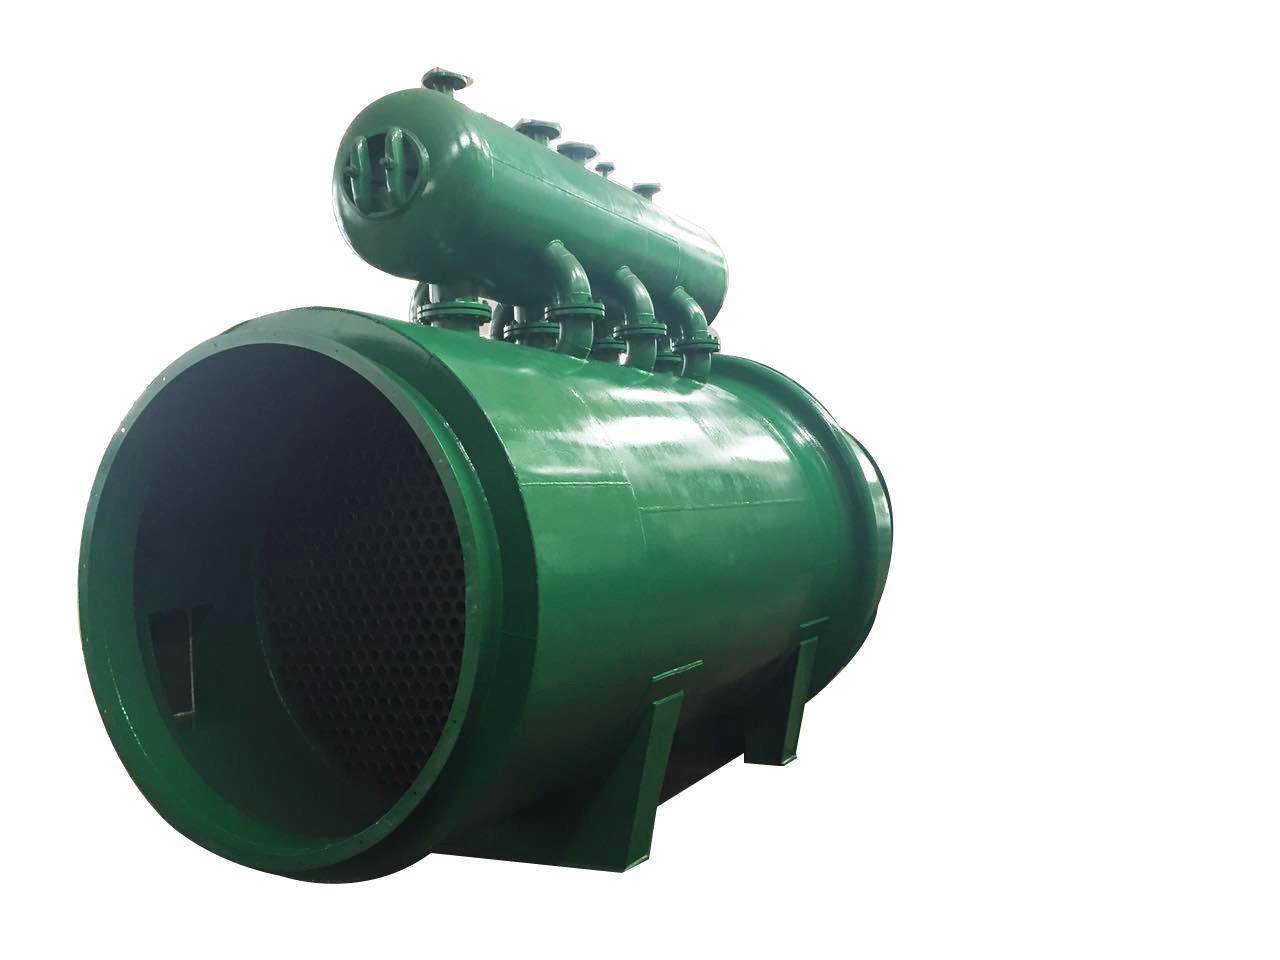 常州圣佳能源--火管余热蒸汽发生器